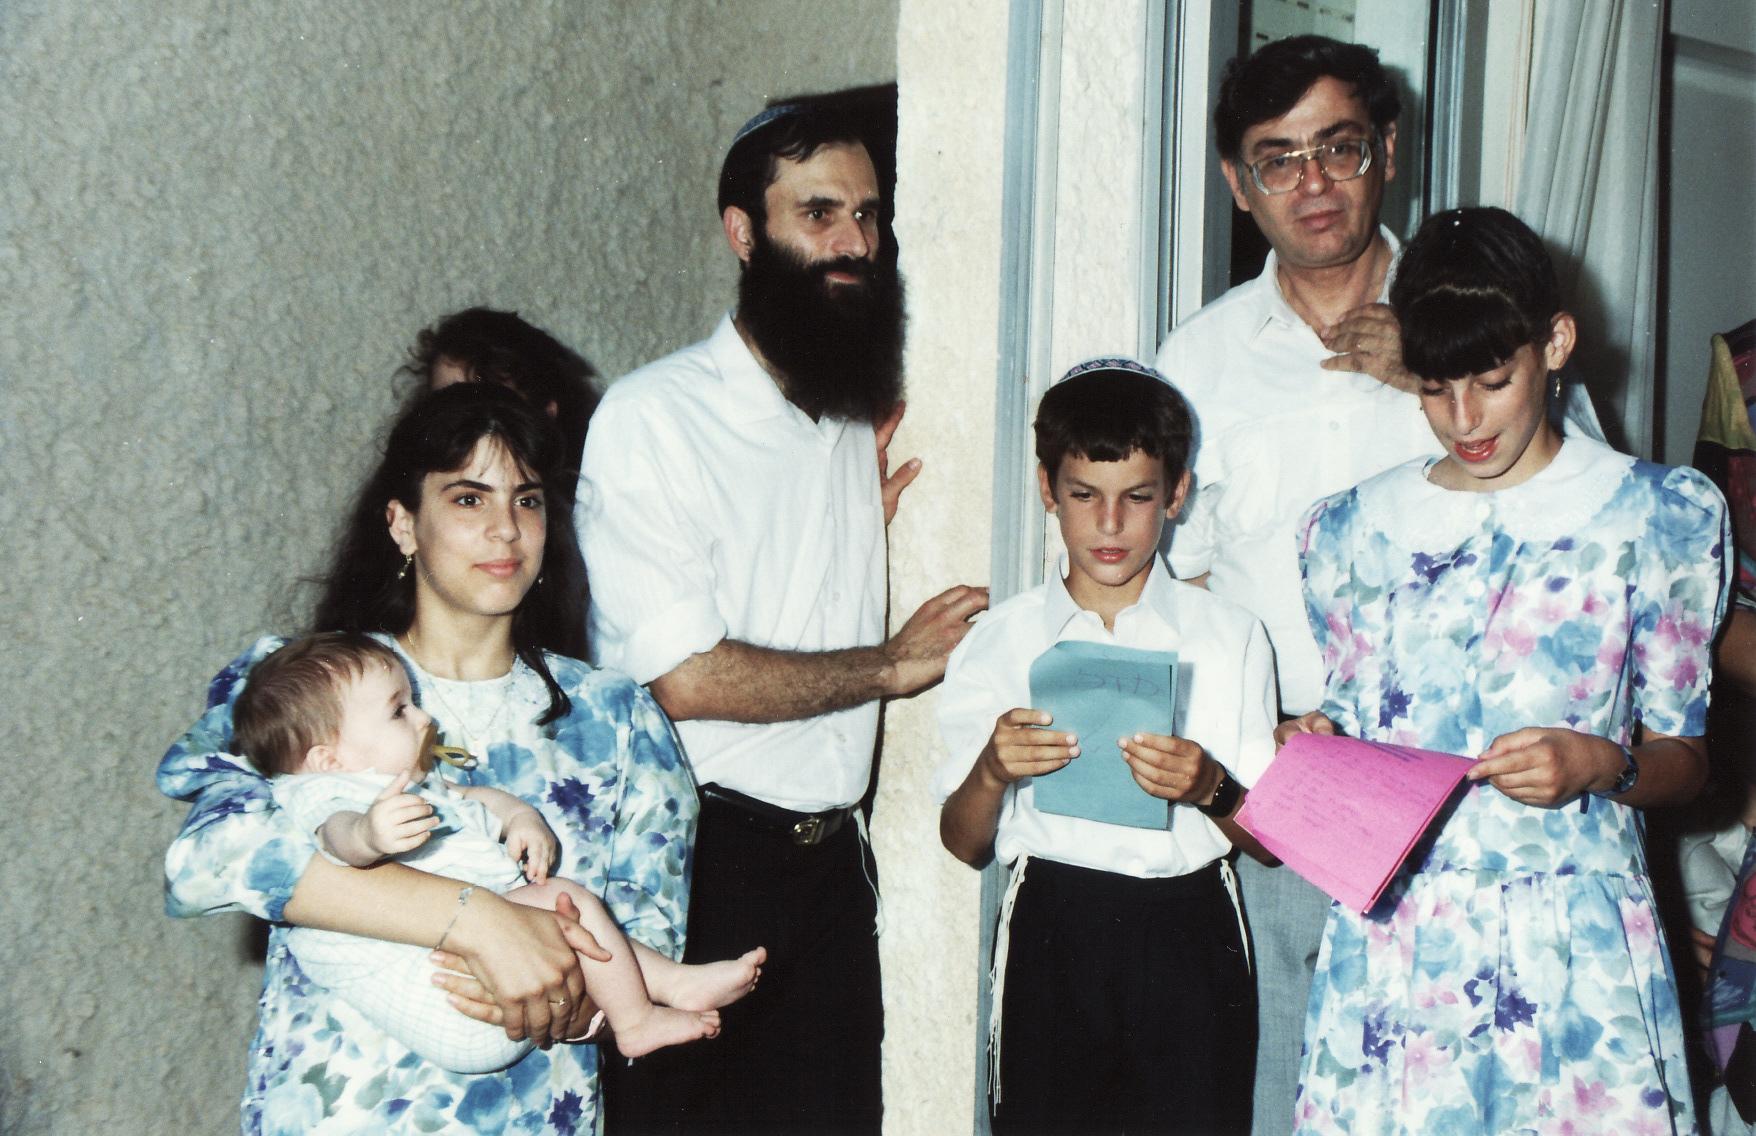 אב תשנא שלמה ואילת מברכים את יעל בת המצווה